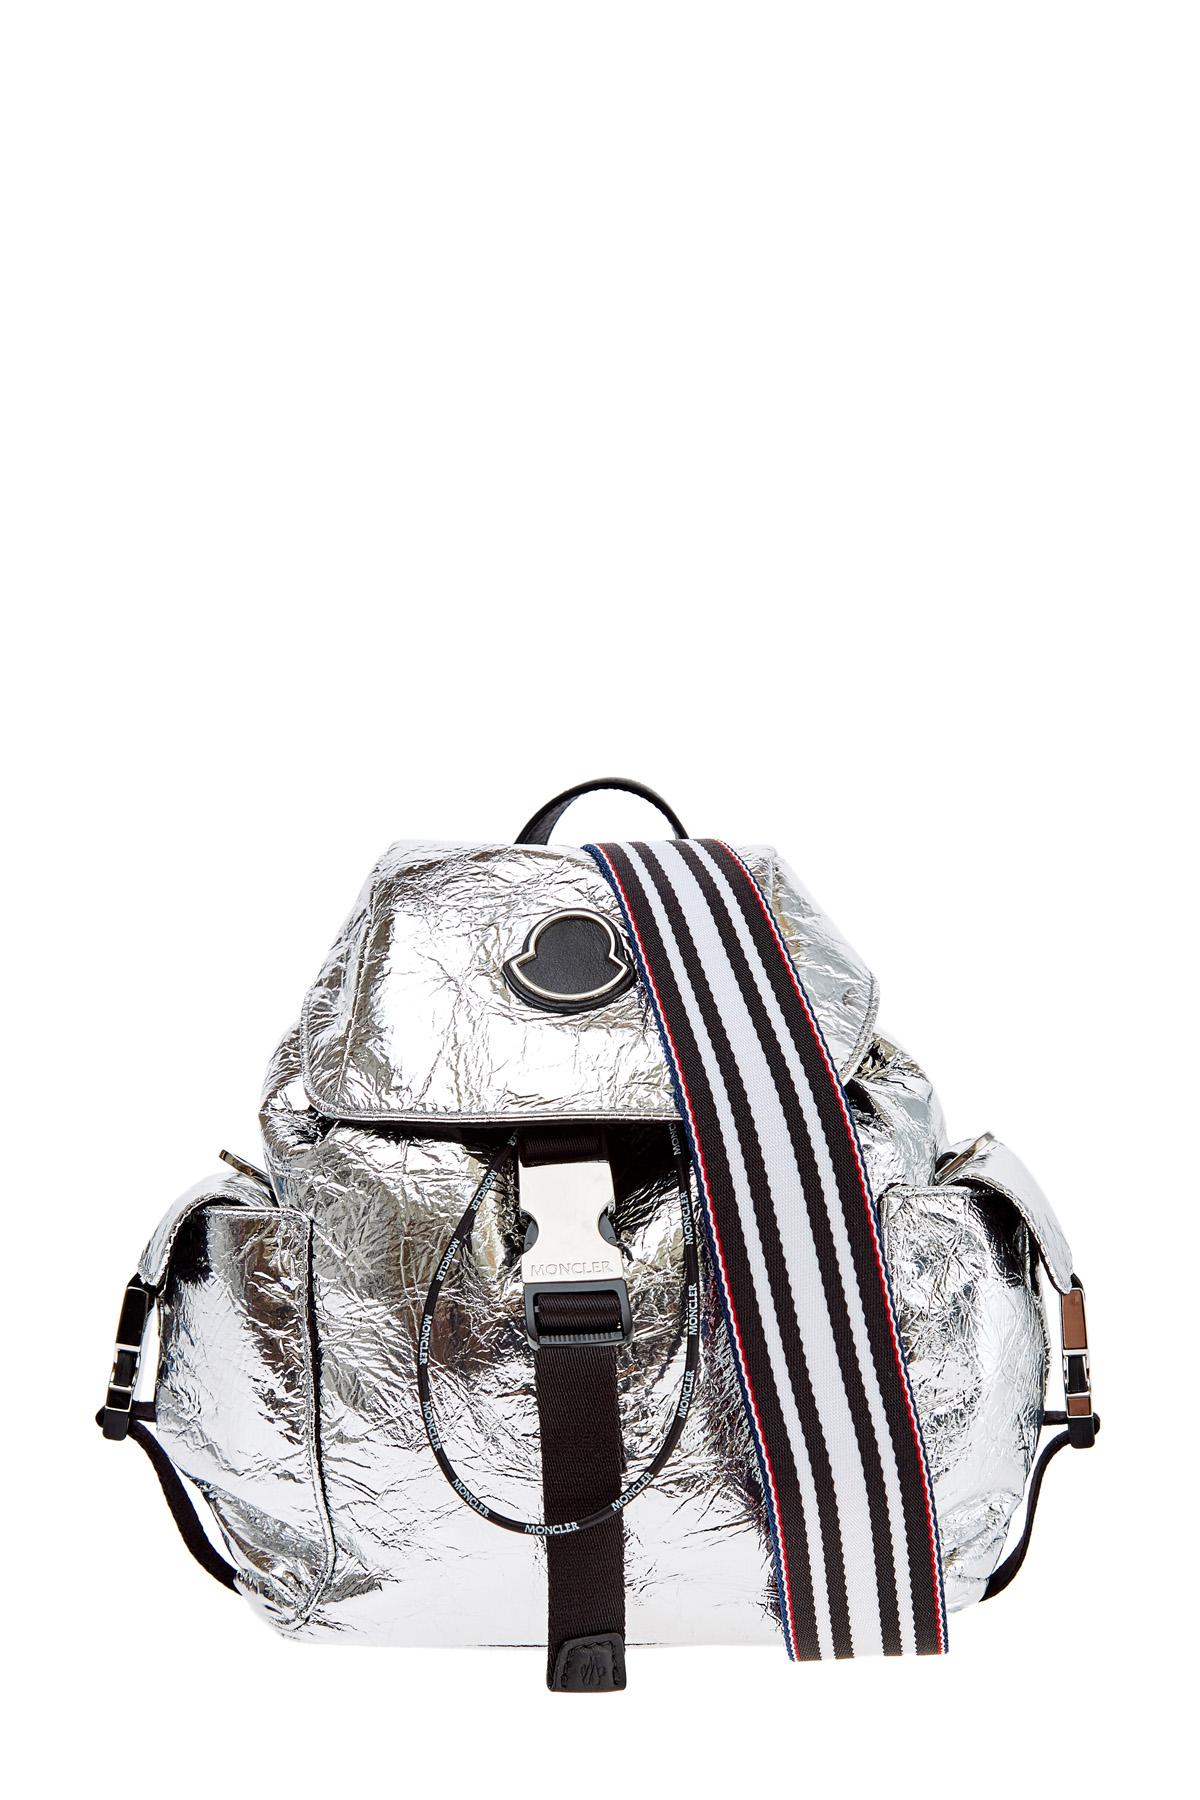 Купить со скидкой Рюкзак из ламинированной кожи с объемными карманами и съемным ремнем